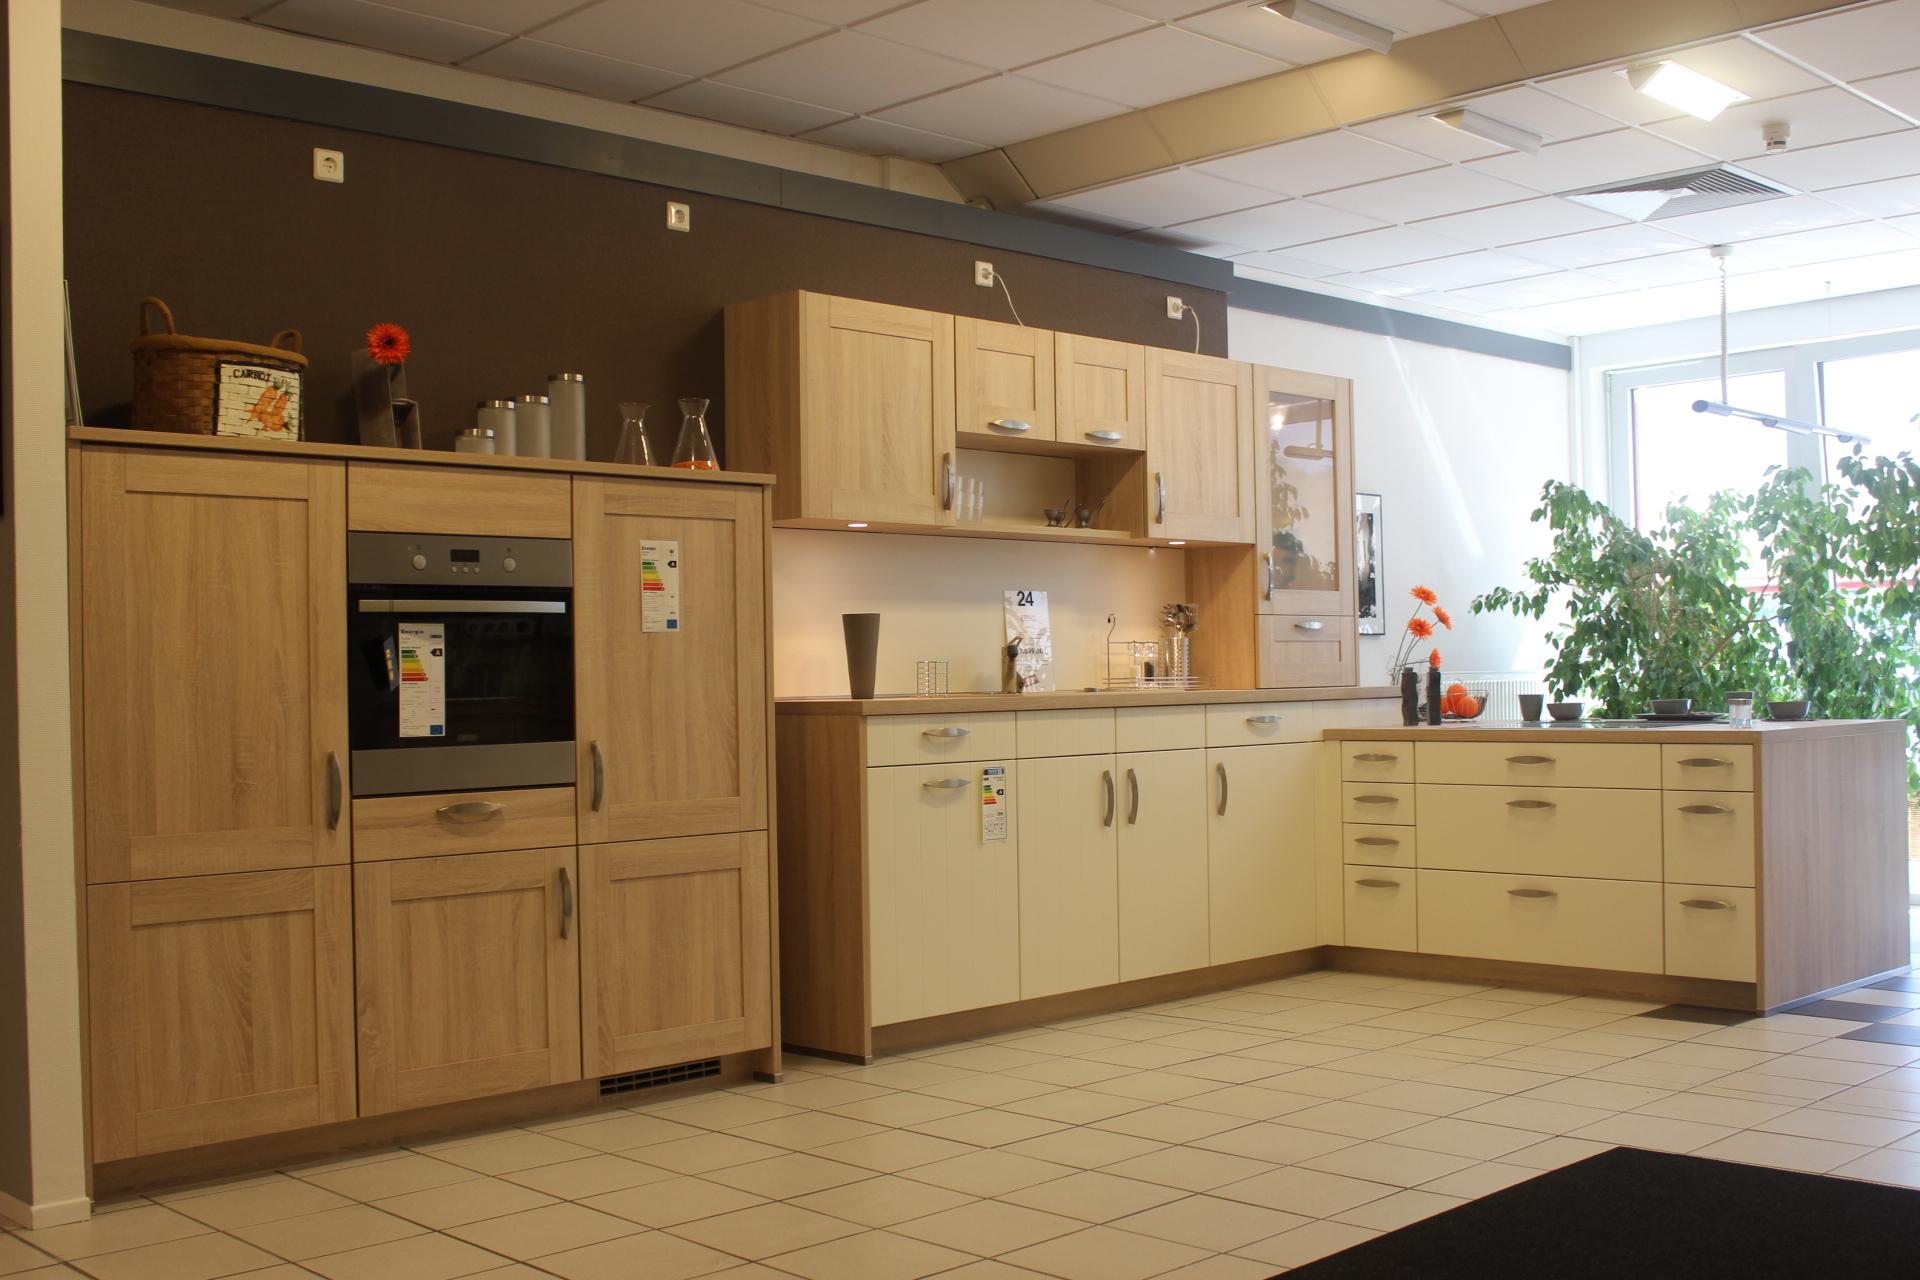 Ungewöhnlich Küchentrends, Die Aus Sind Zeitgenössisch - Ideen Für ...